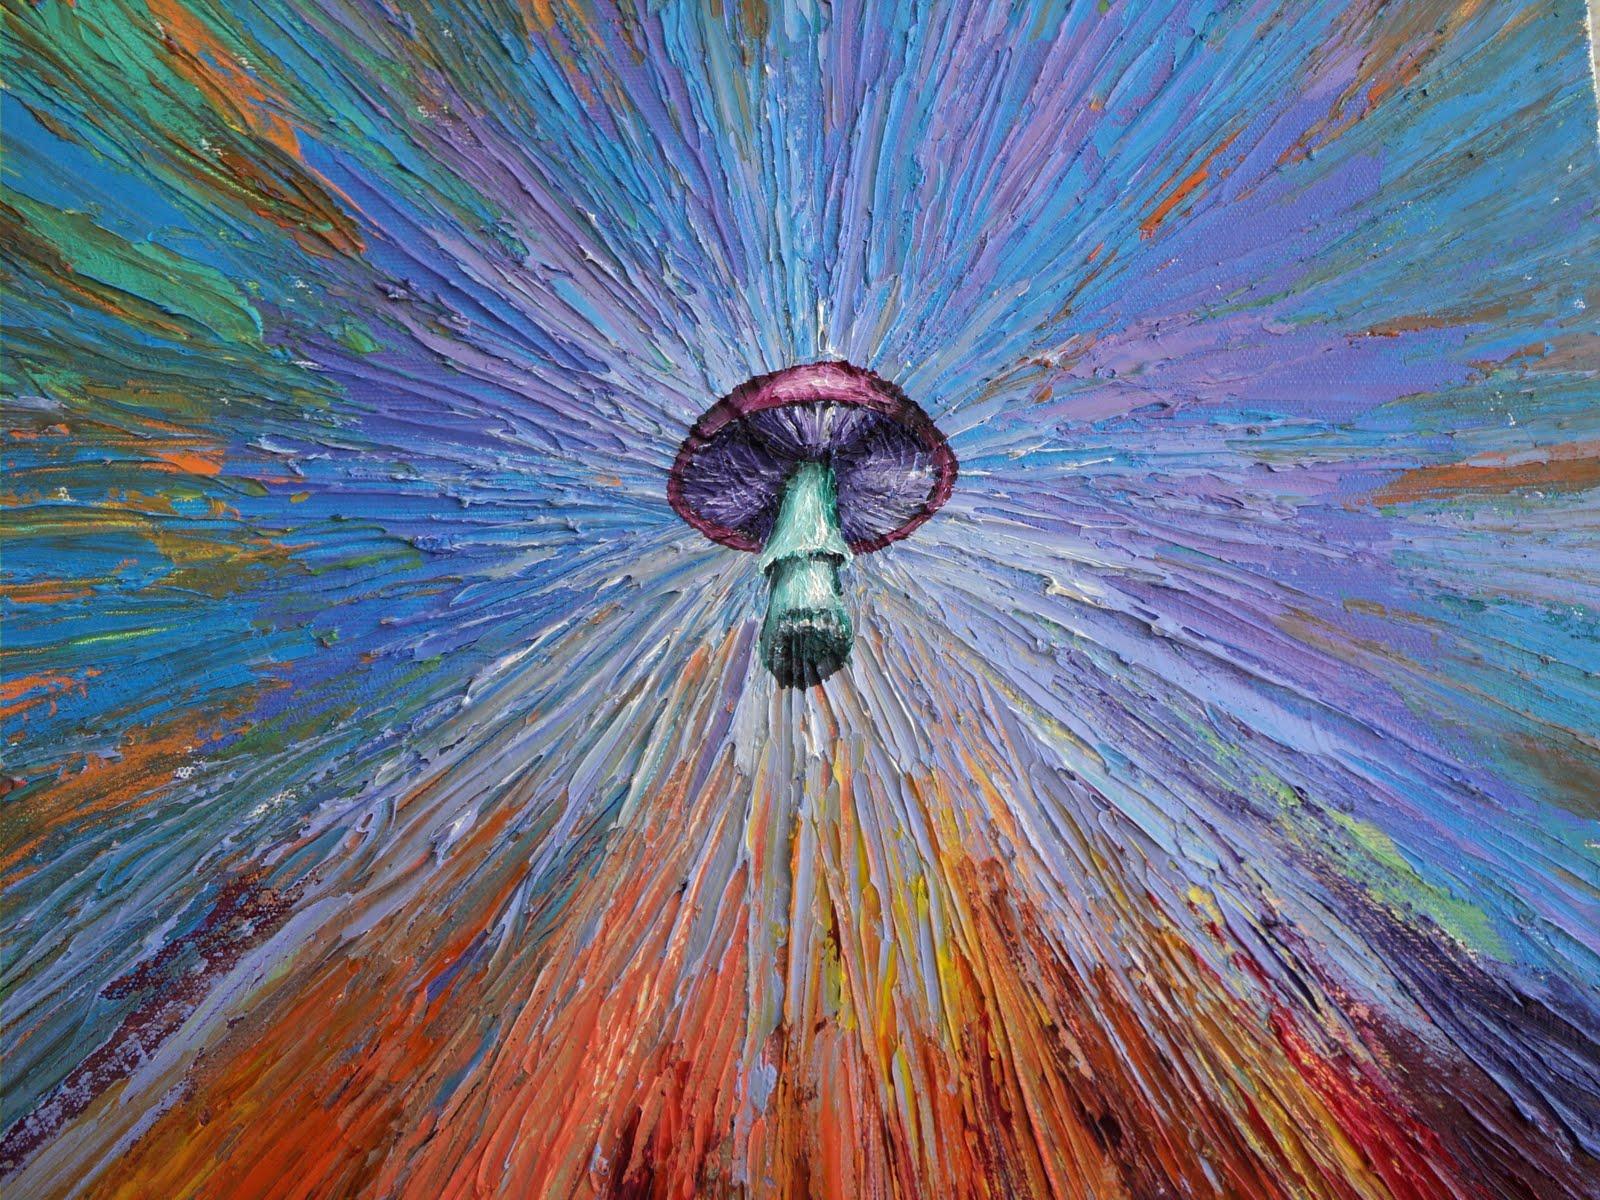 magic mushroom art - photo #40